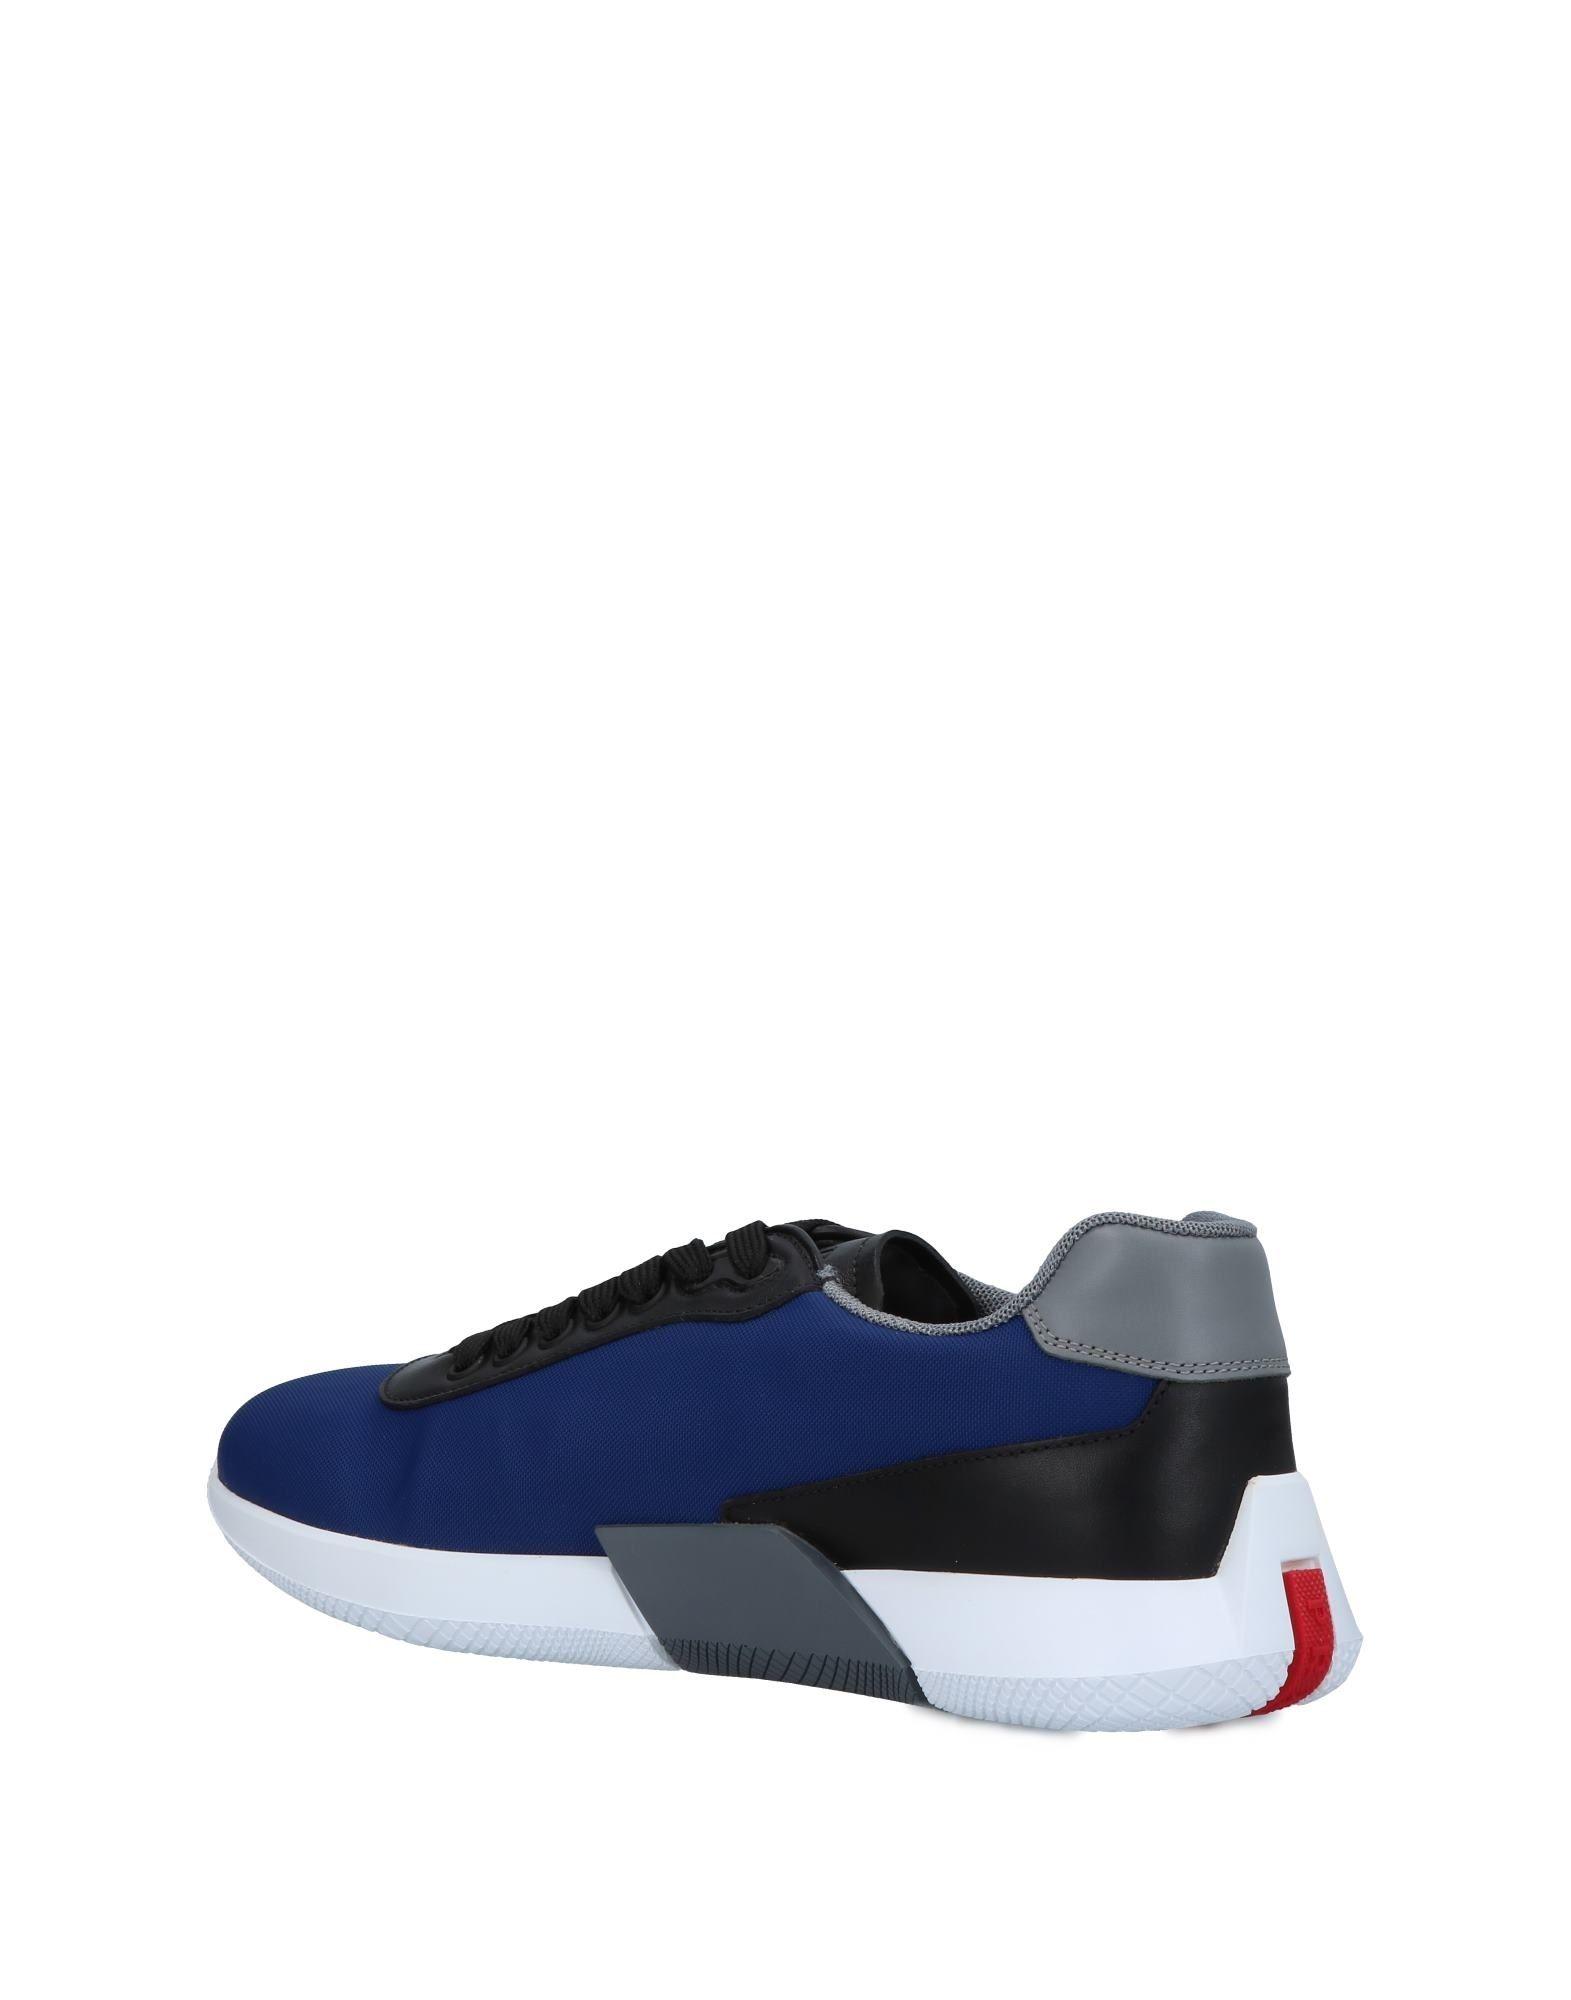 Prada Sport Sneakers Herren Herren Sneakers  11364833EQ 800a29